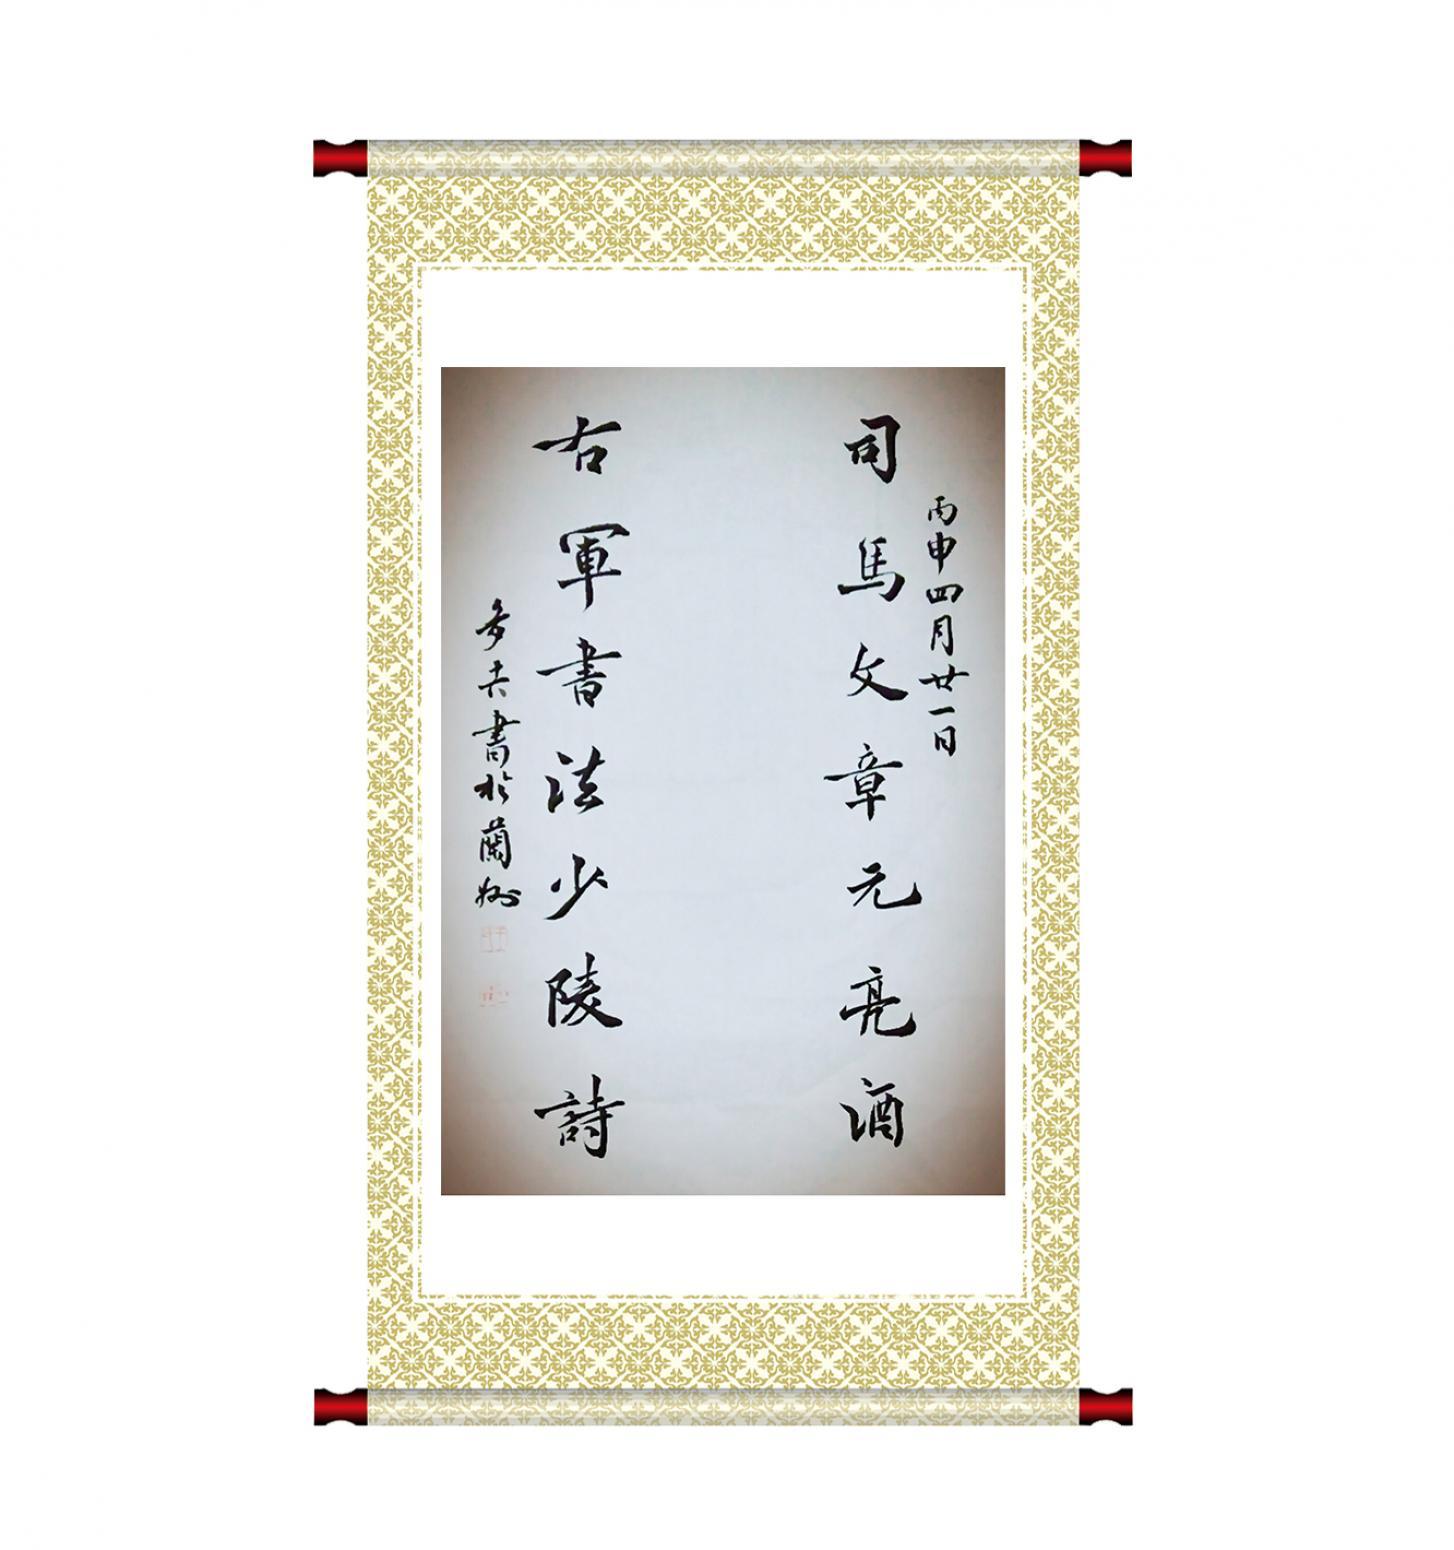 王多吉书法作品《【司马右军】作者王多吉》【图1】